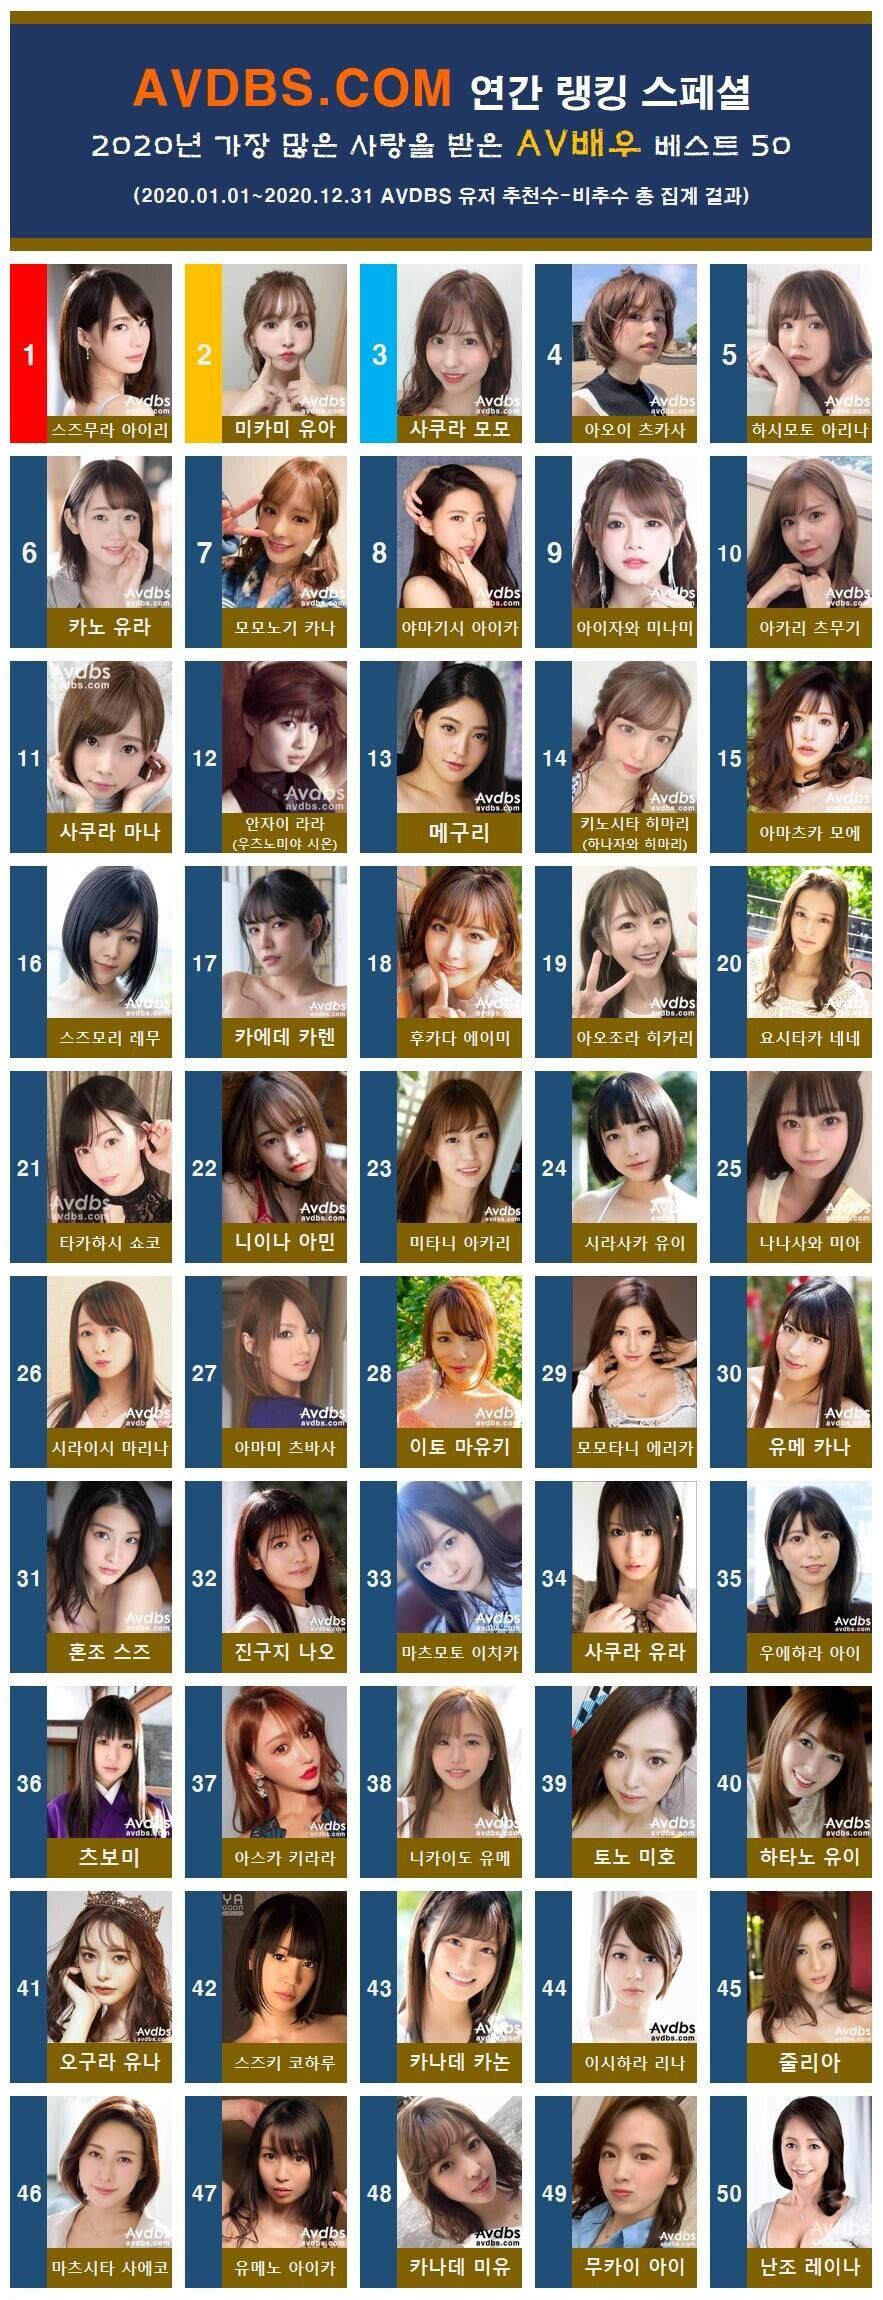 한국인 기준 2020년 AV배우 랭킹